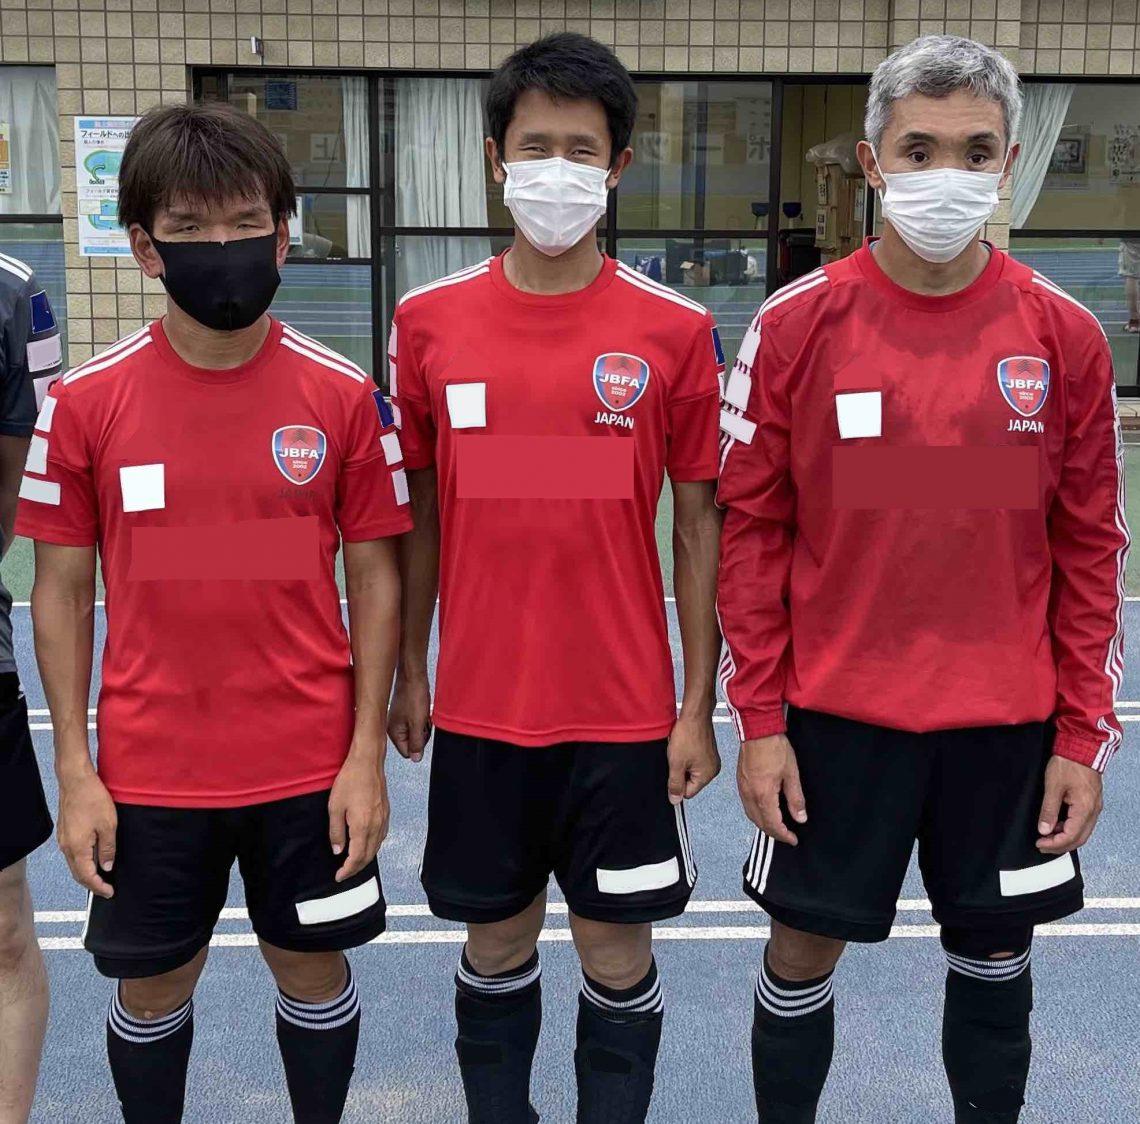 東京パラリンピックでの活躍に期待!ブラインドサッカー日本代表の卒業生3名にインタビュー!